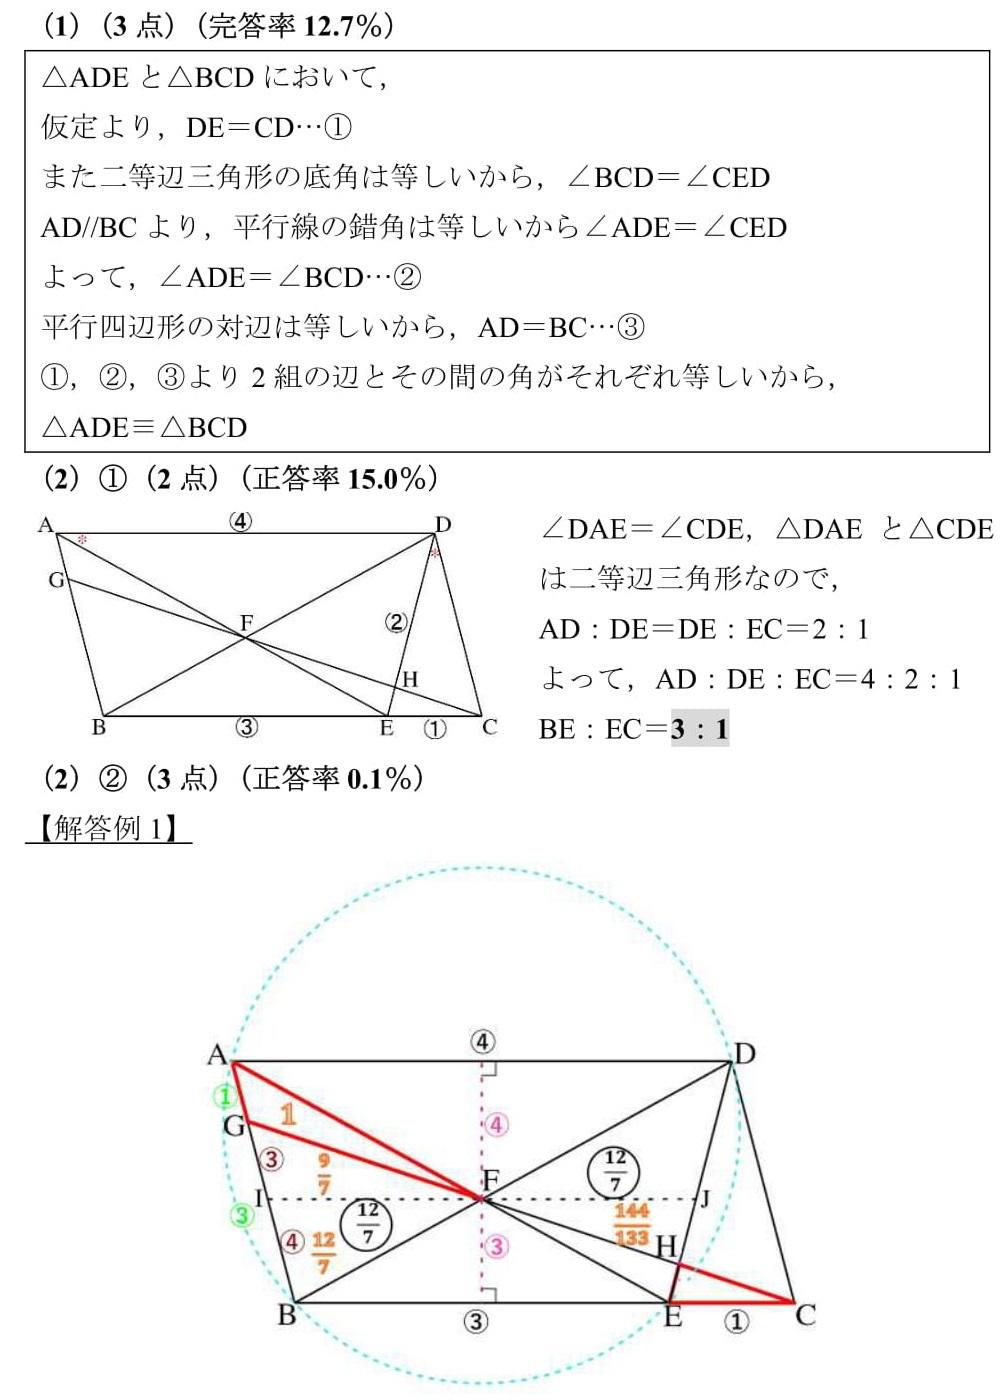 高校入試 数学 平面図形 難問 大分県 2018 解答 解説